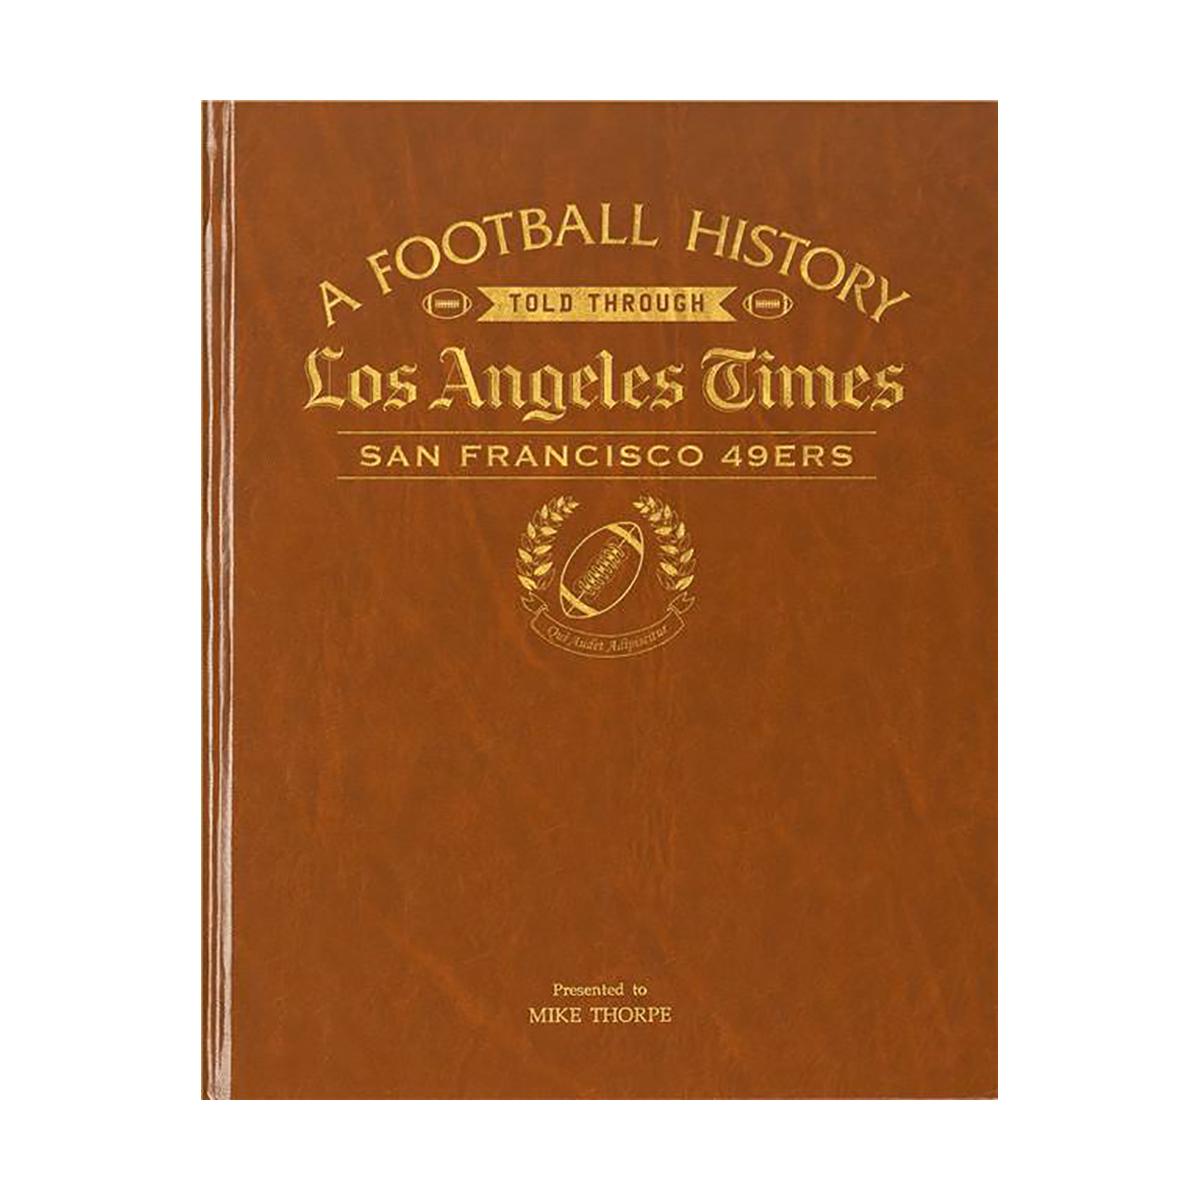 LA Times San Francisco 49ers Newspaper Book